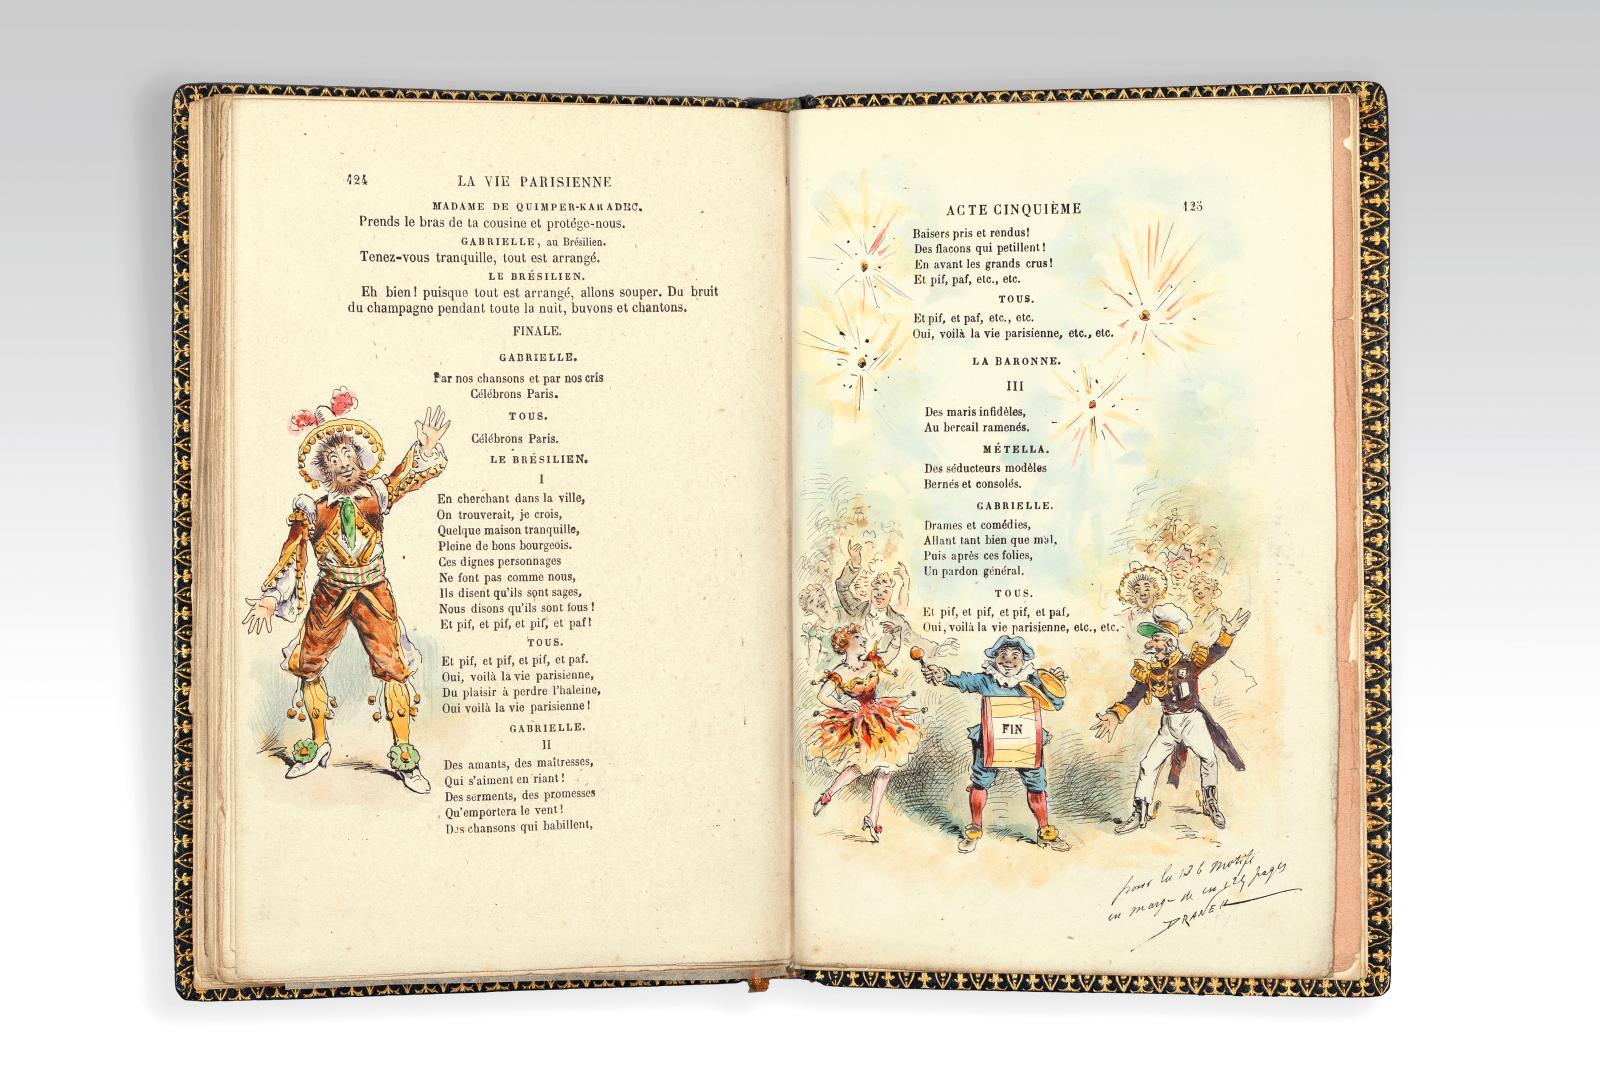 Jean Racine (1639-1699), Phèdre & Hippolyte, Paris, Claude Barbin, 1677, in-12 première édition, frontispice gravé en taille douce par Séb